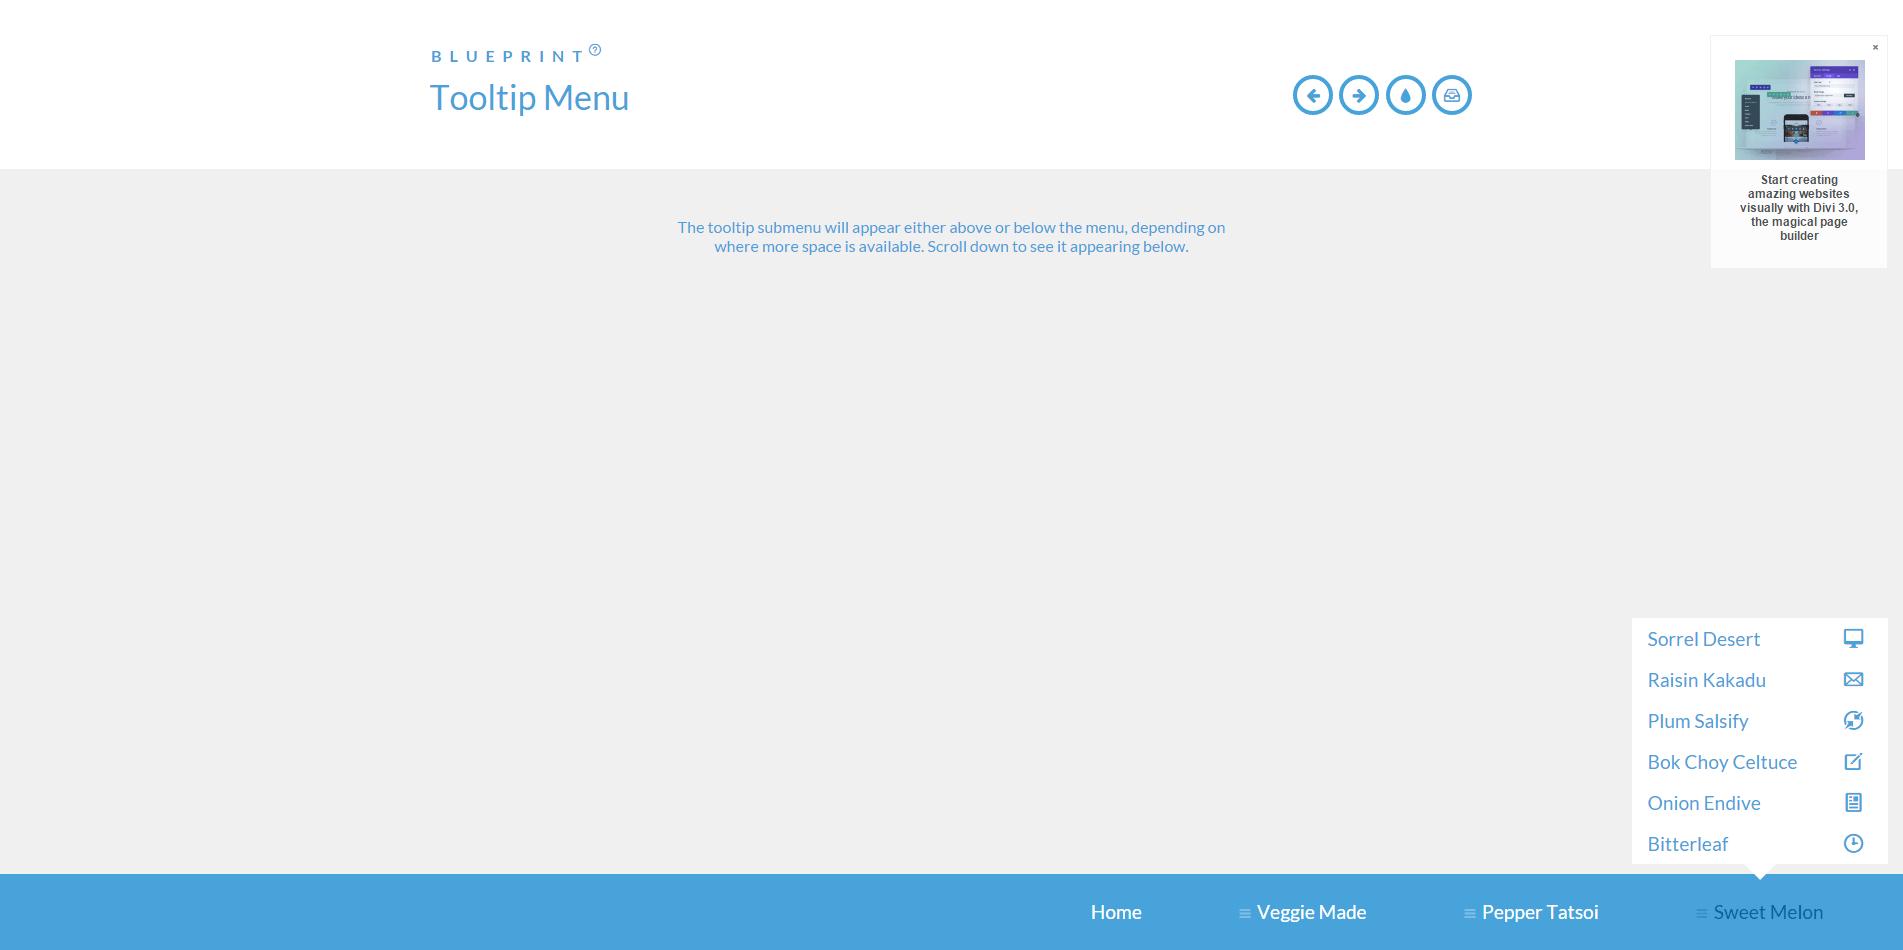 提示菜单-Tooltip Menu